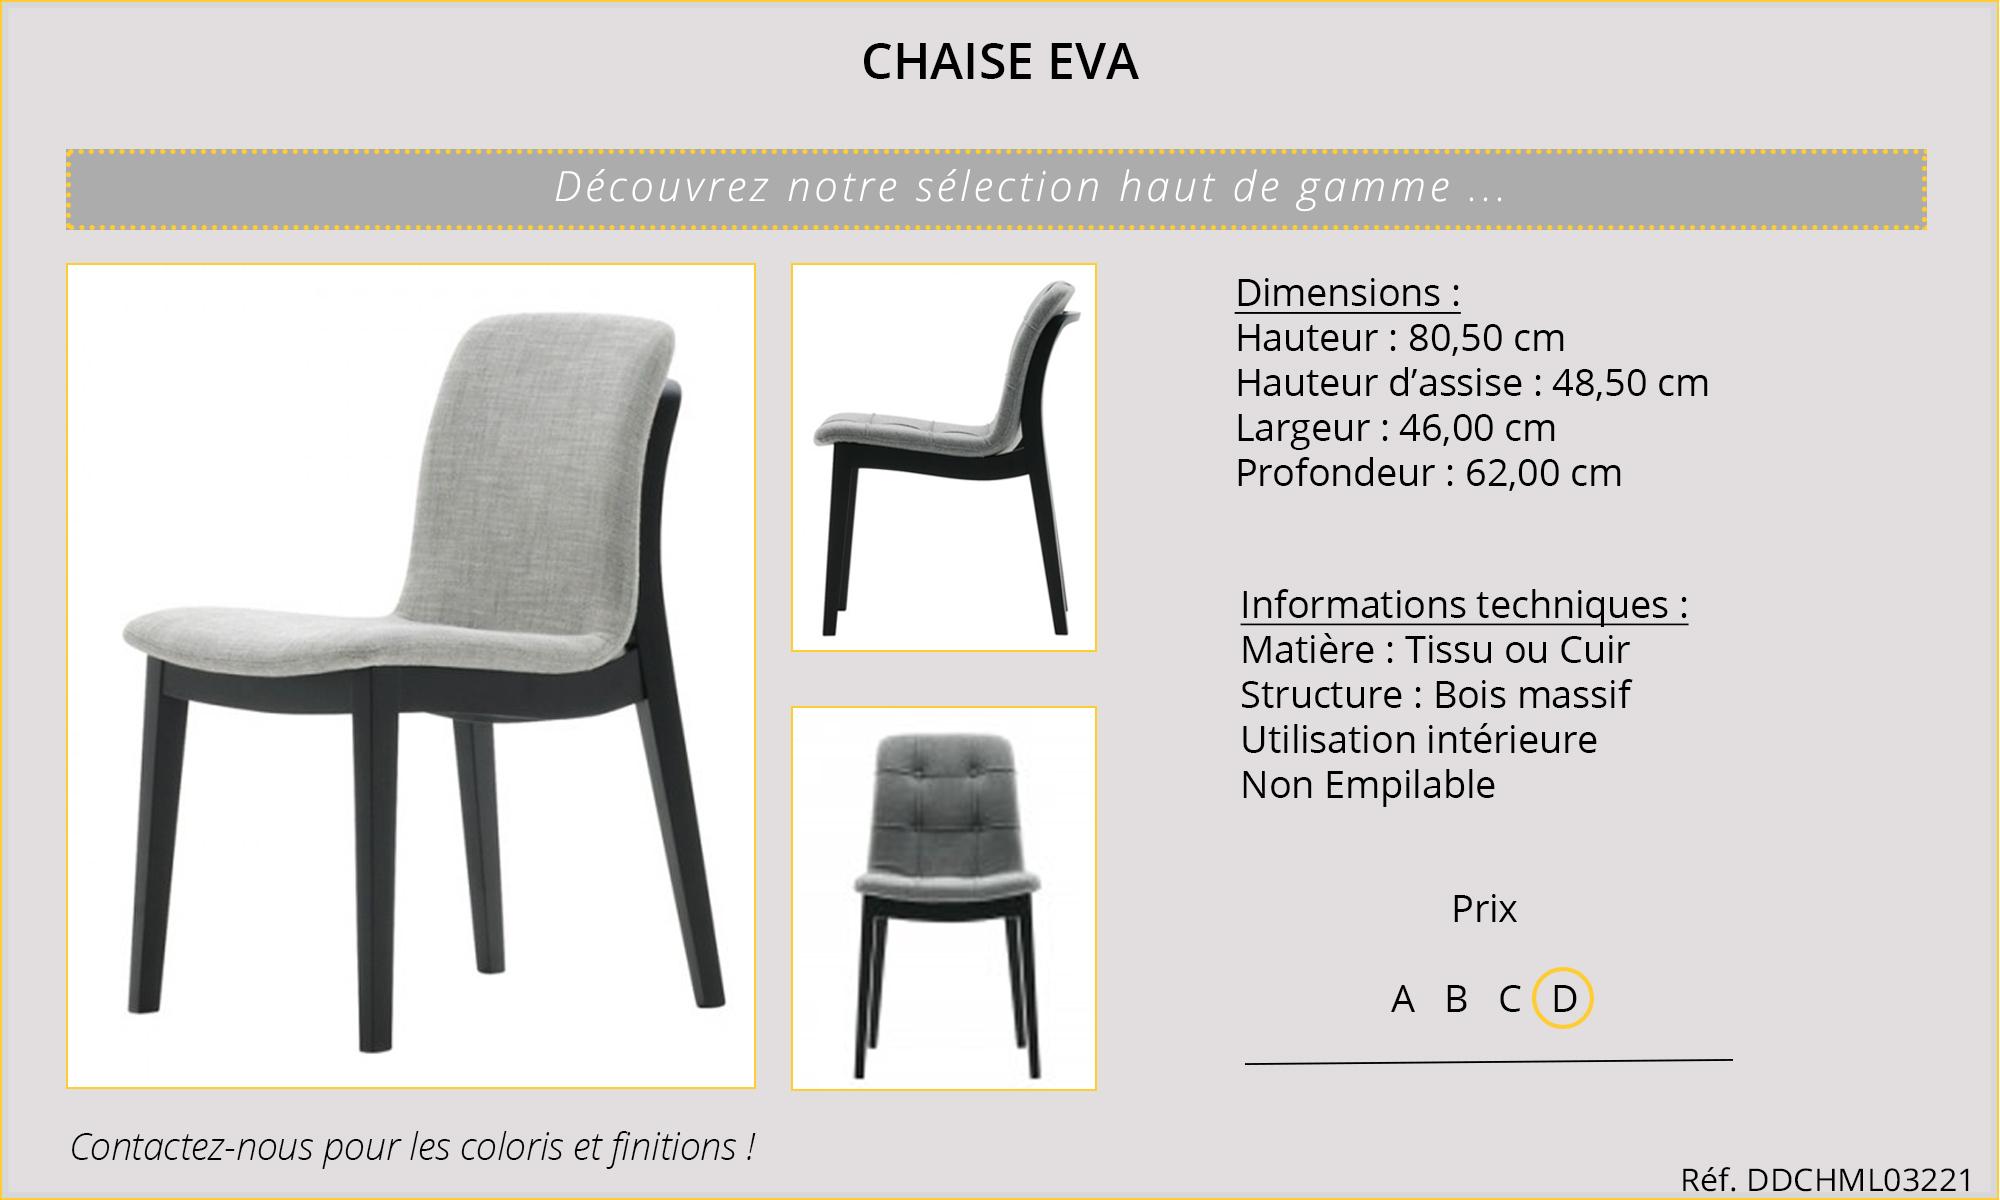 Rideaux HôteRestaurants CHR HORECA chaise Eva